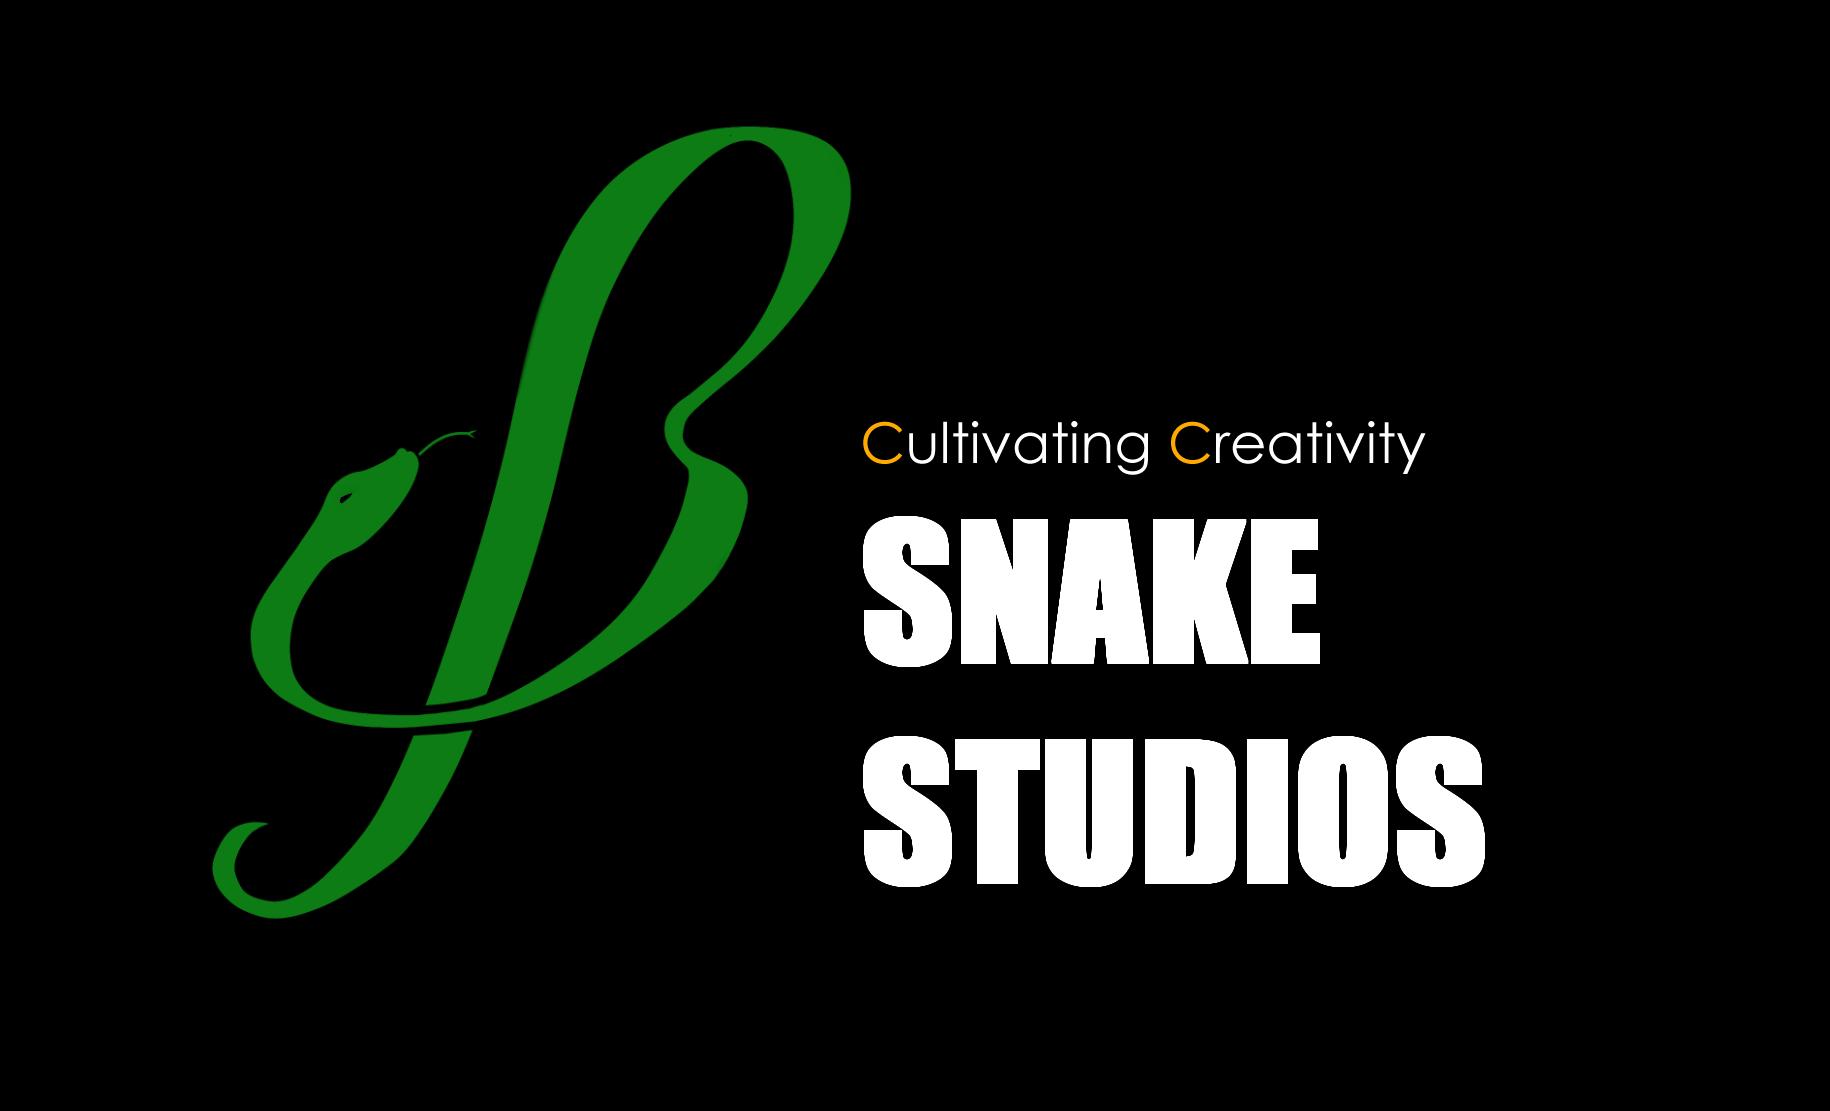 Snake-Studios' new fine-art logo